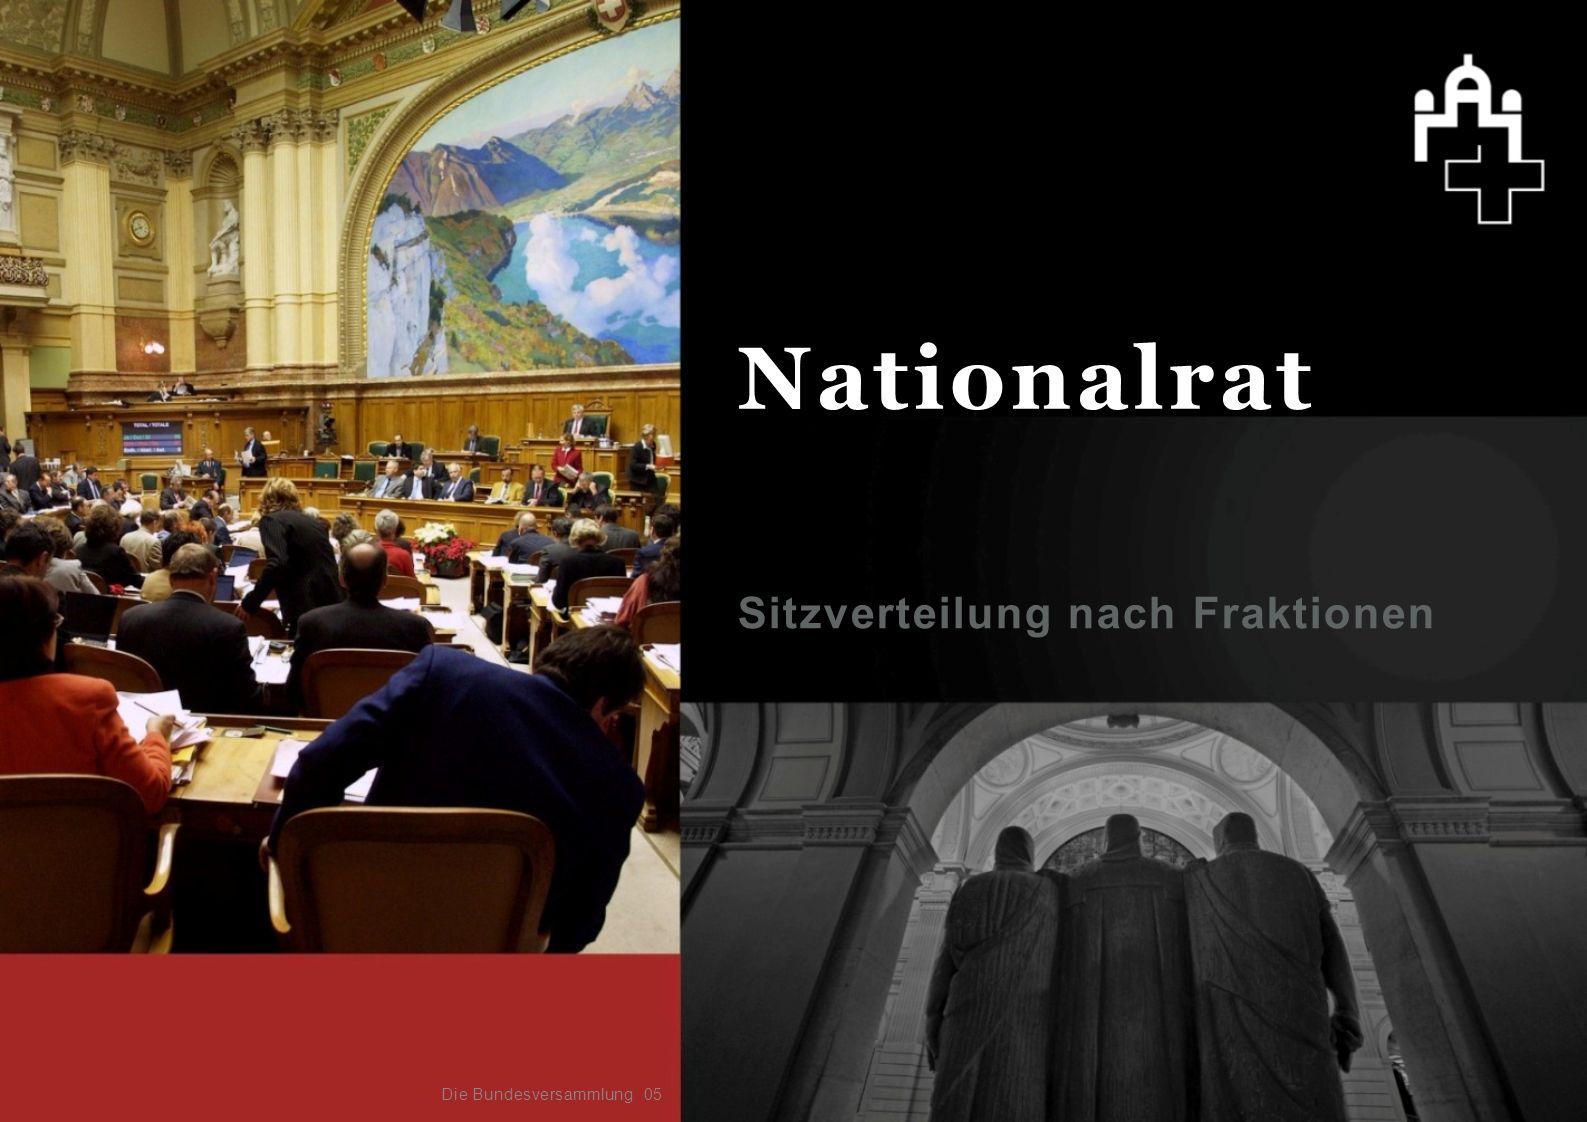 Sitzverteilung nach Fraktionen 05 Nationalrat Die Bundesversammlung